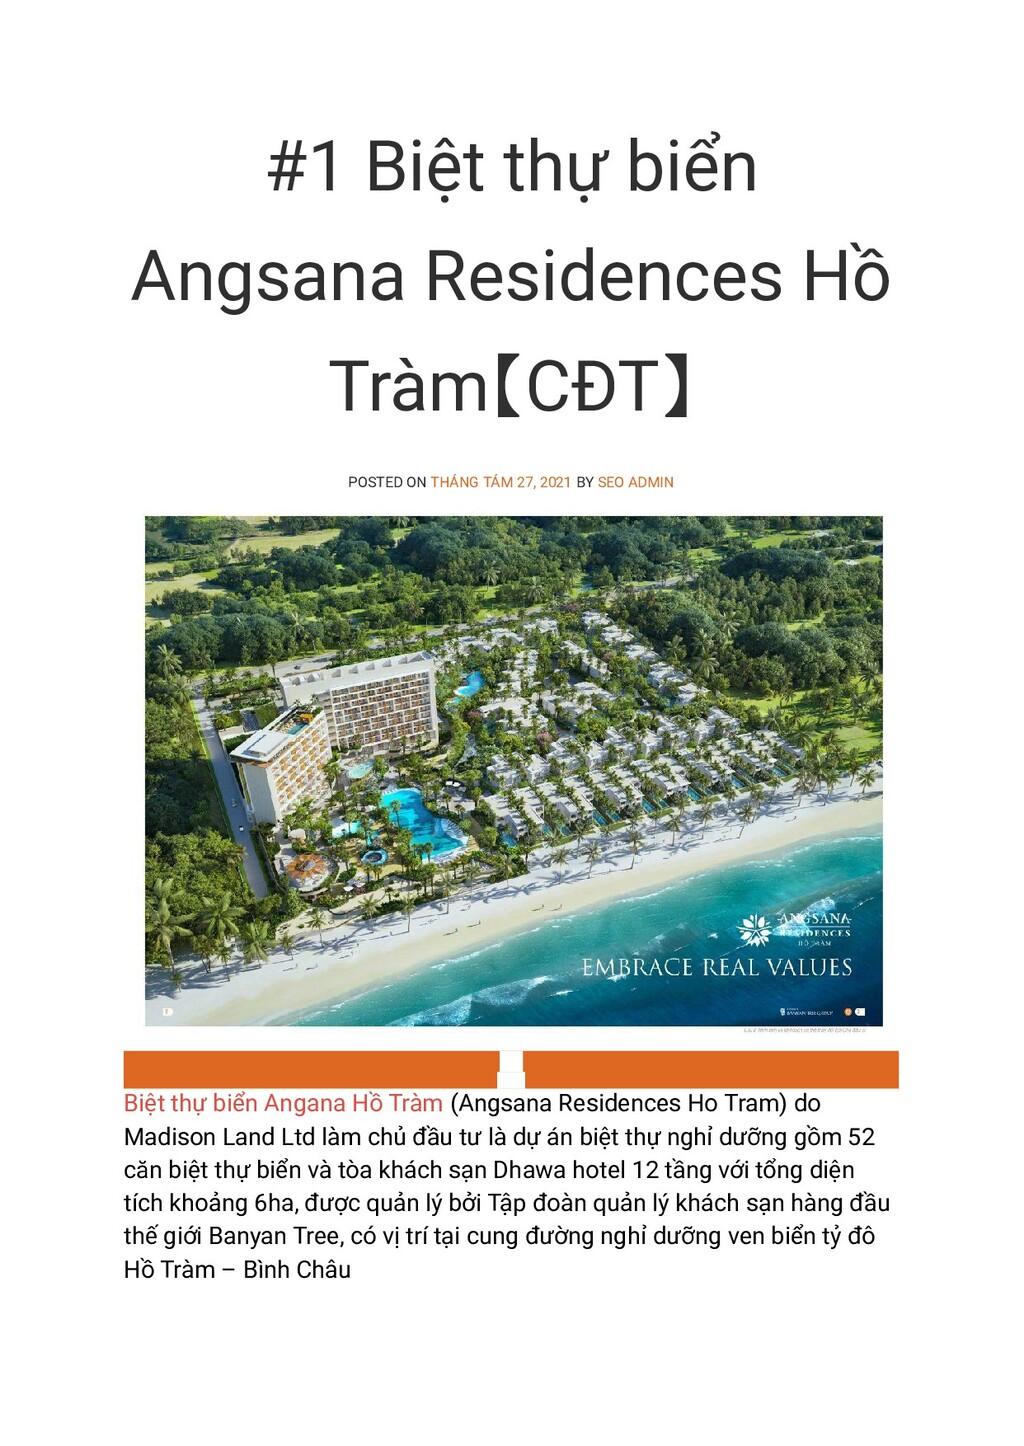 #1 Biệt thự biển Angsana Residences Hồ Tràm【CĐT...